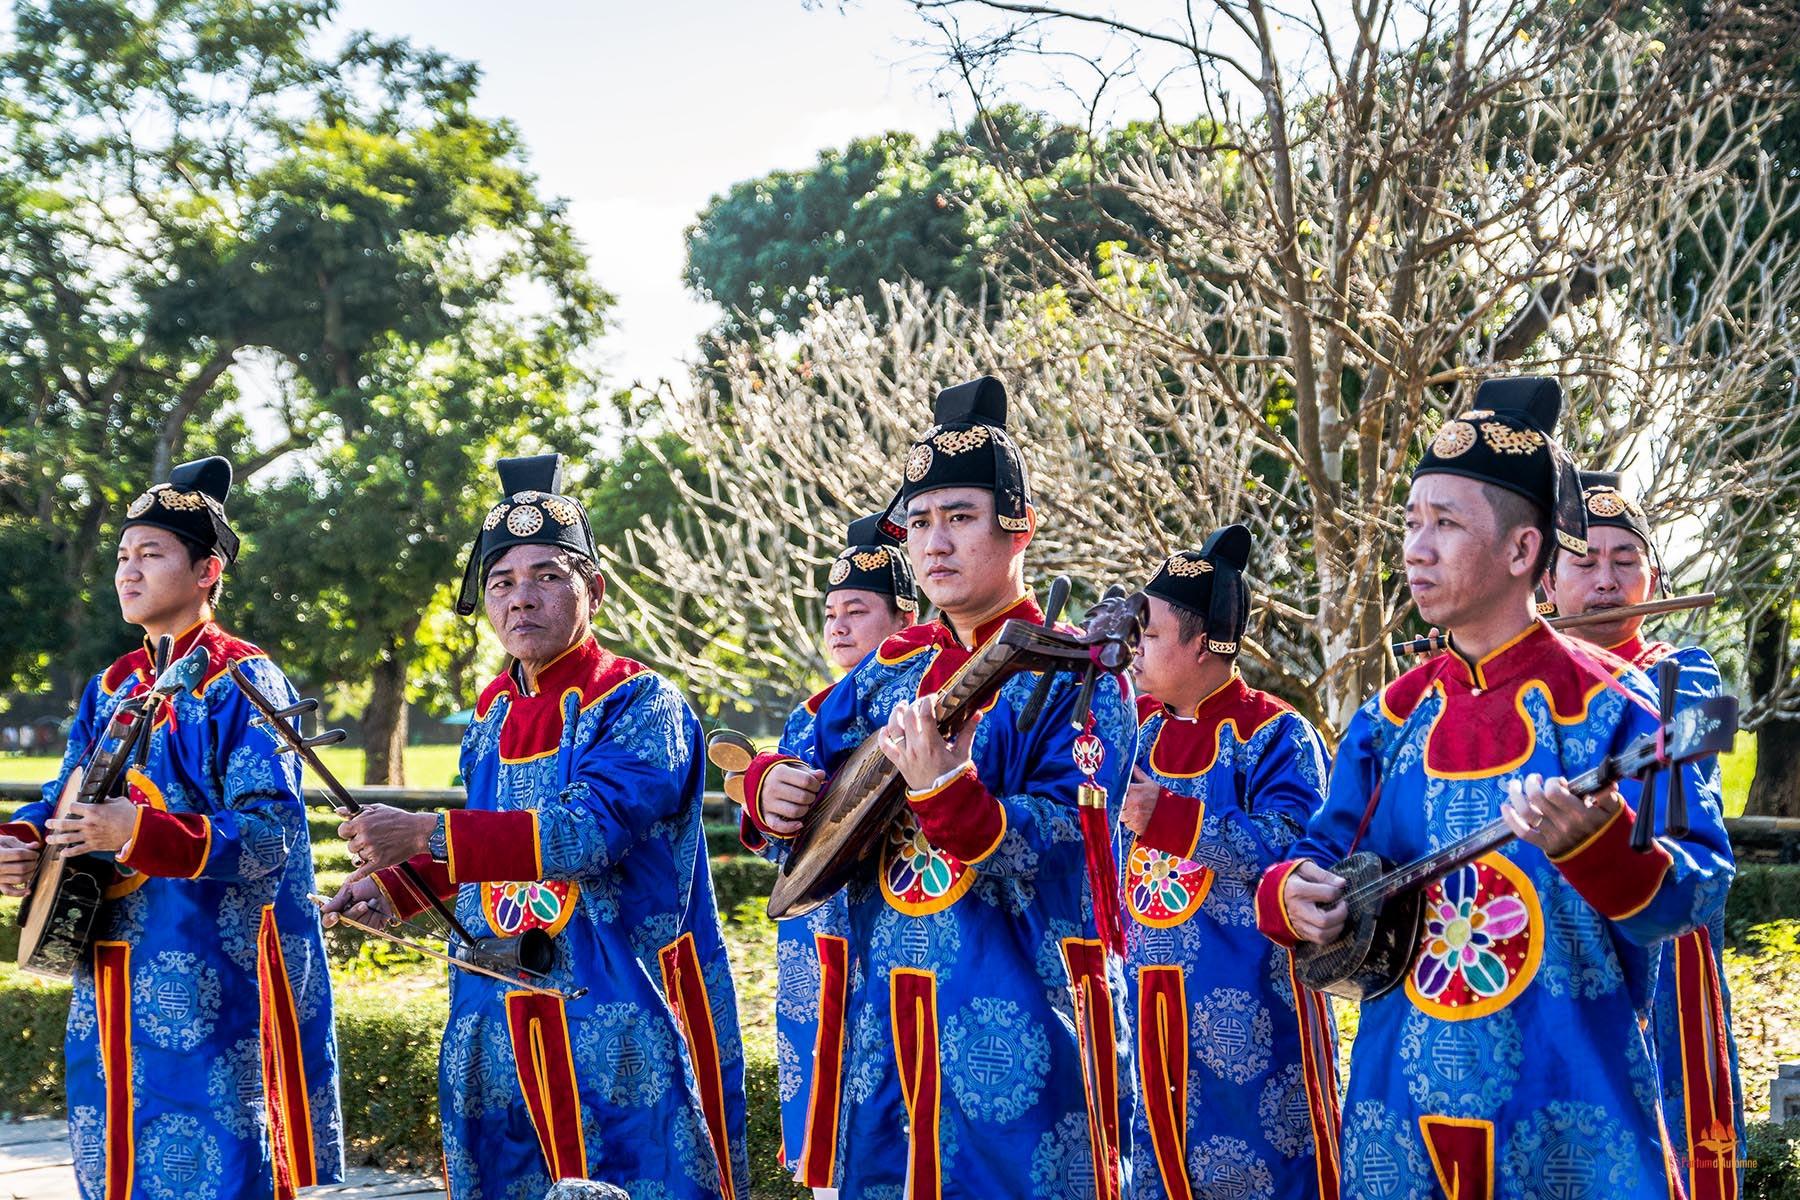 Musiciens jouant la musique traditionnelle de la Cour Impériale, Hue, Vietnam